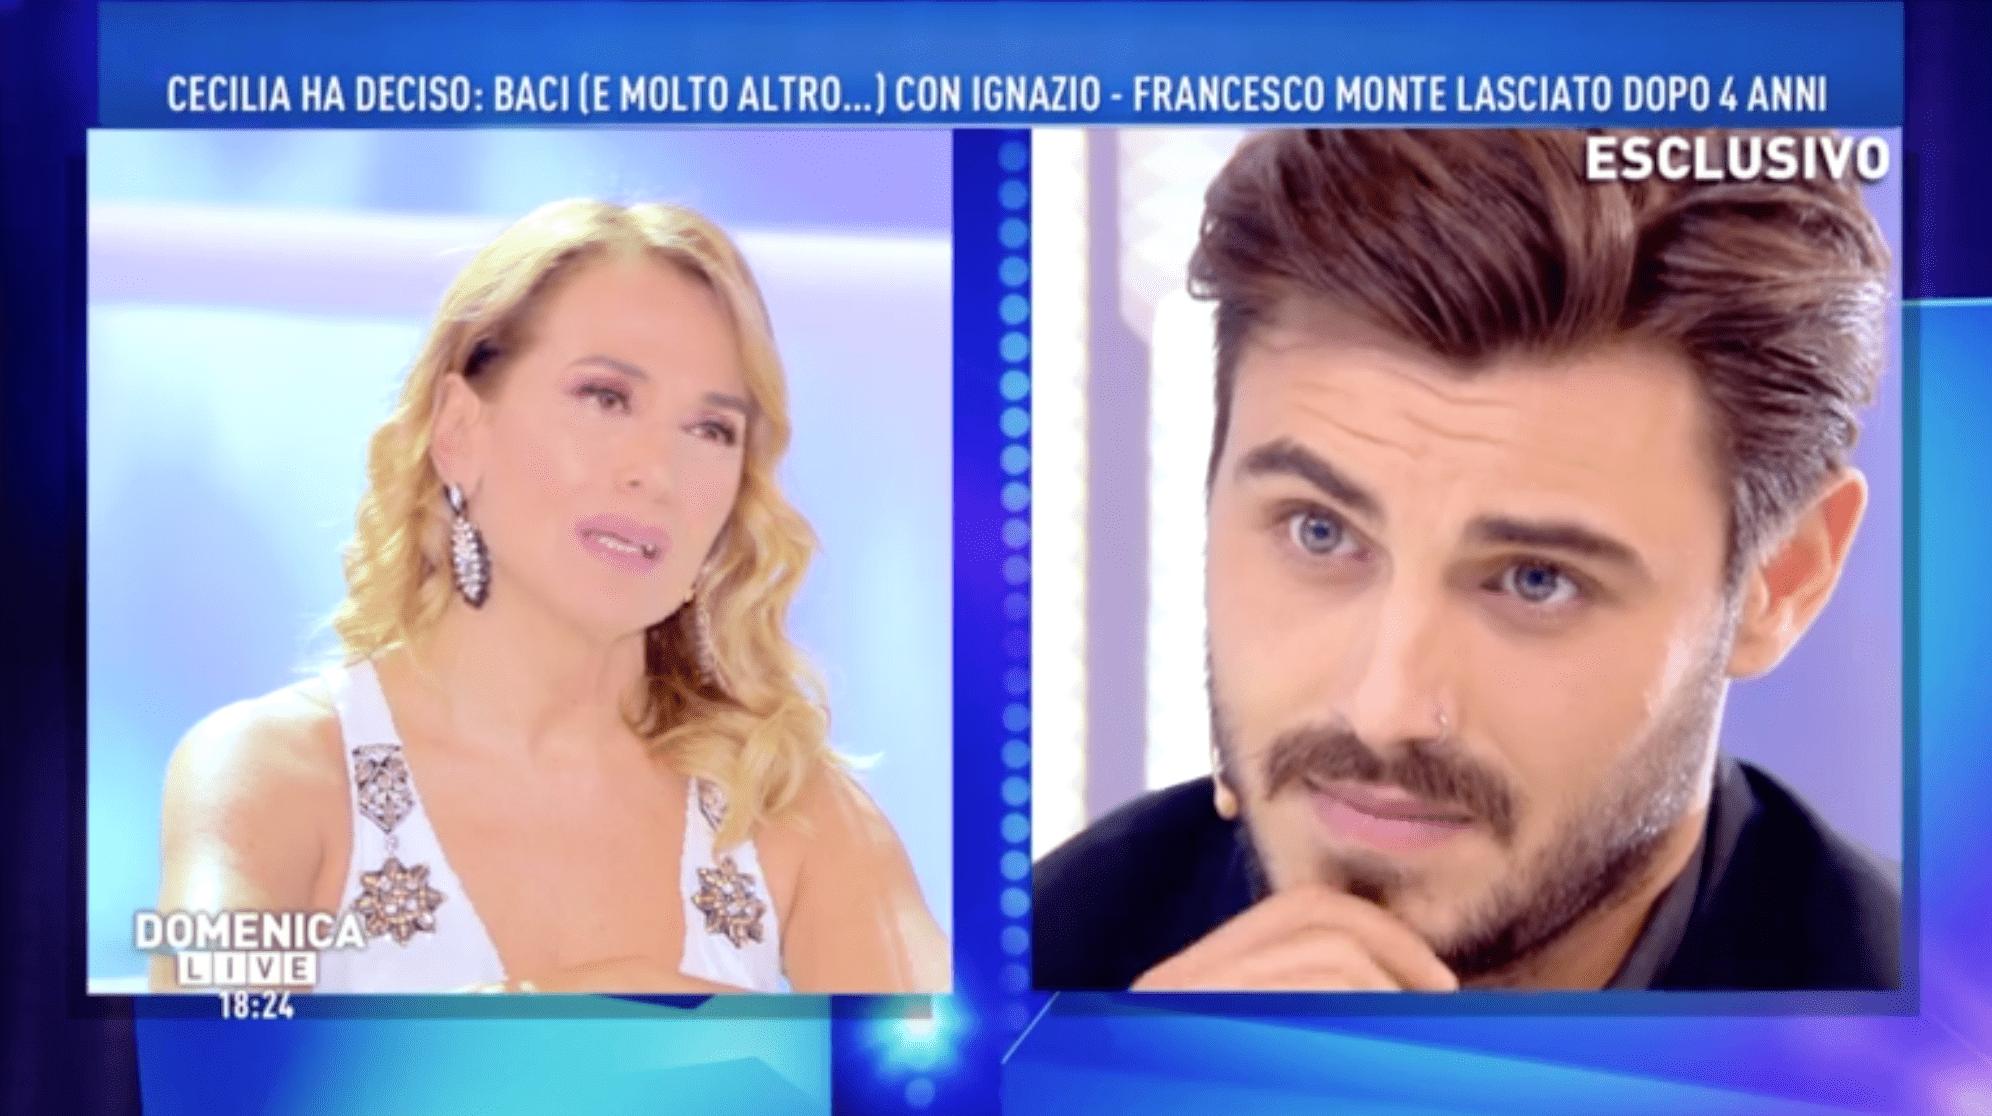 Francesco Monte, la lettera a Domenica Live: 'Mi sto riprendendo lontano dal circuito mediatico'